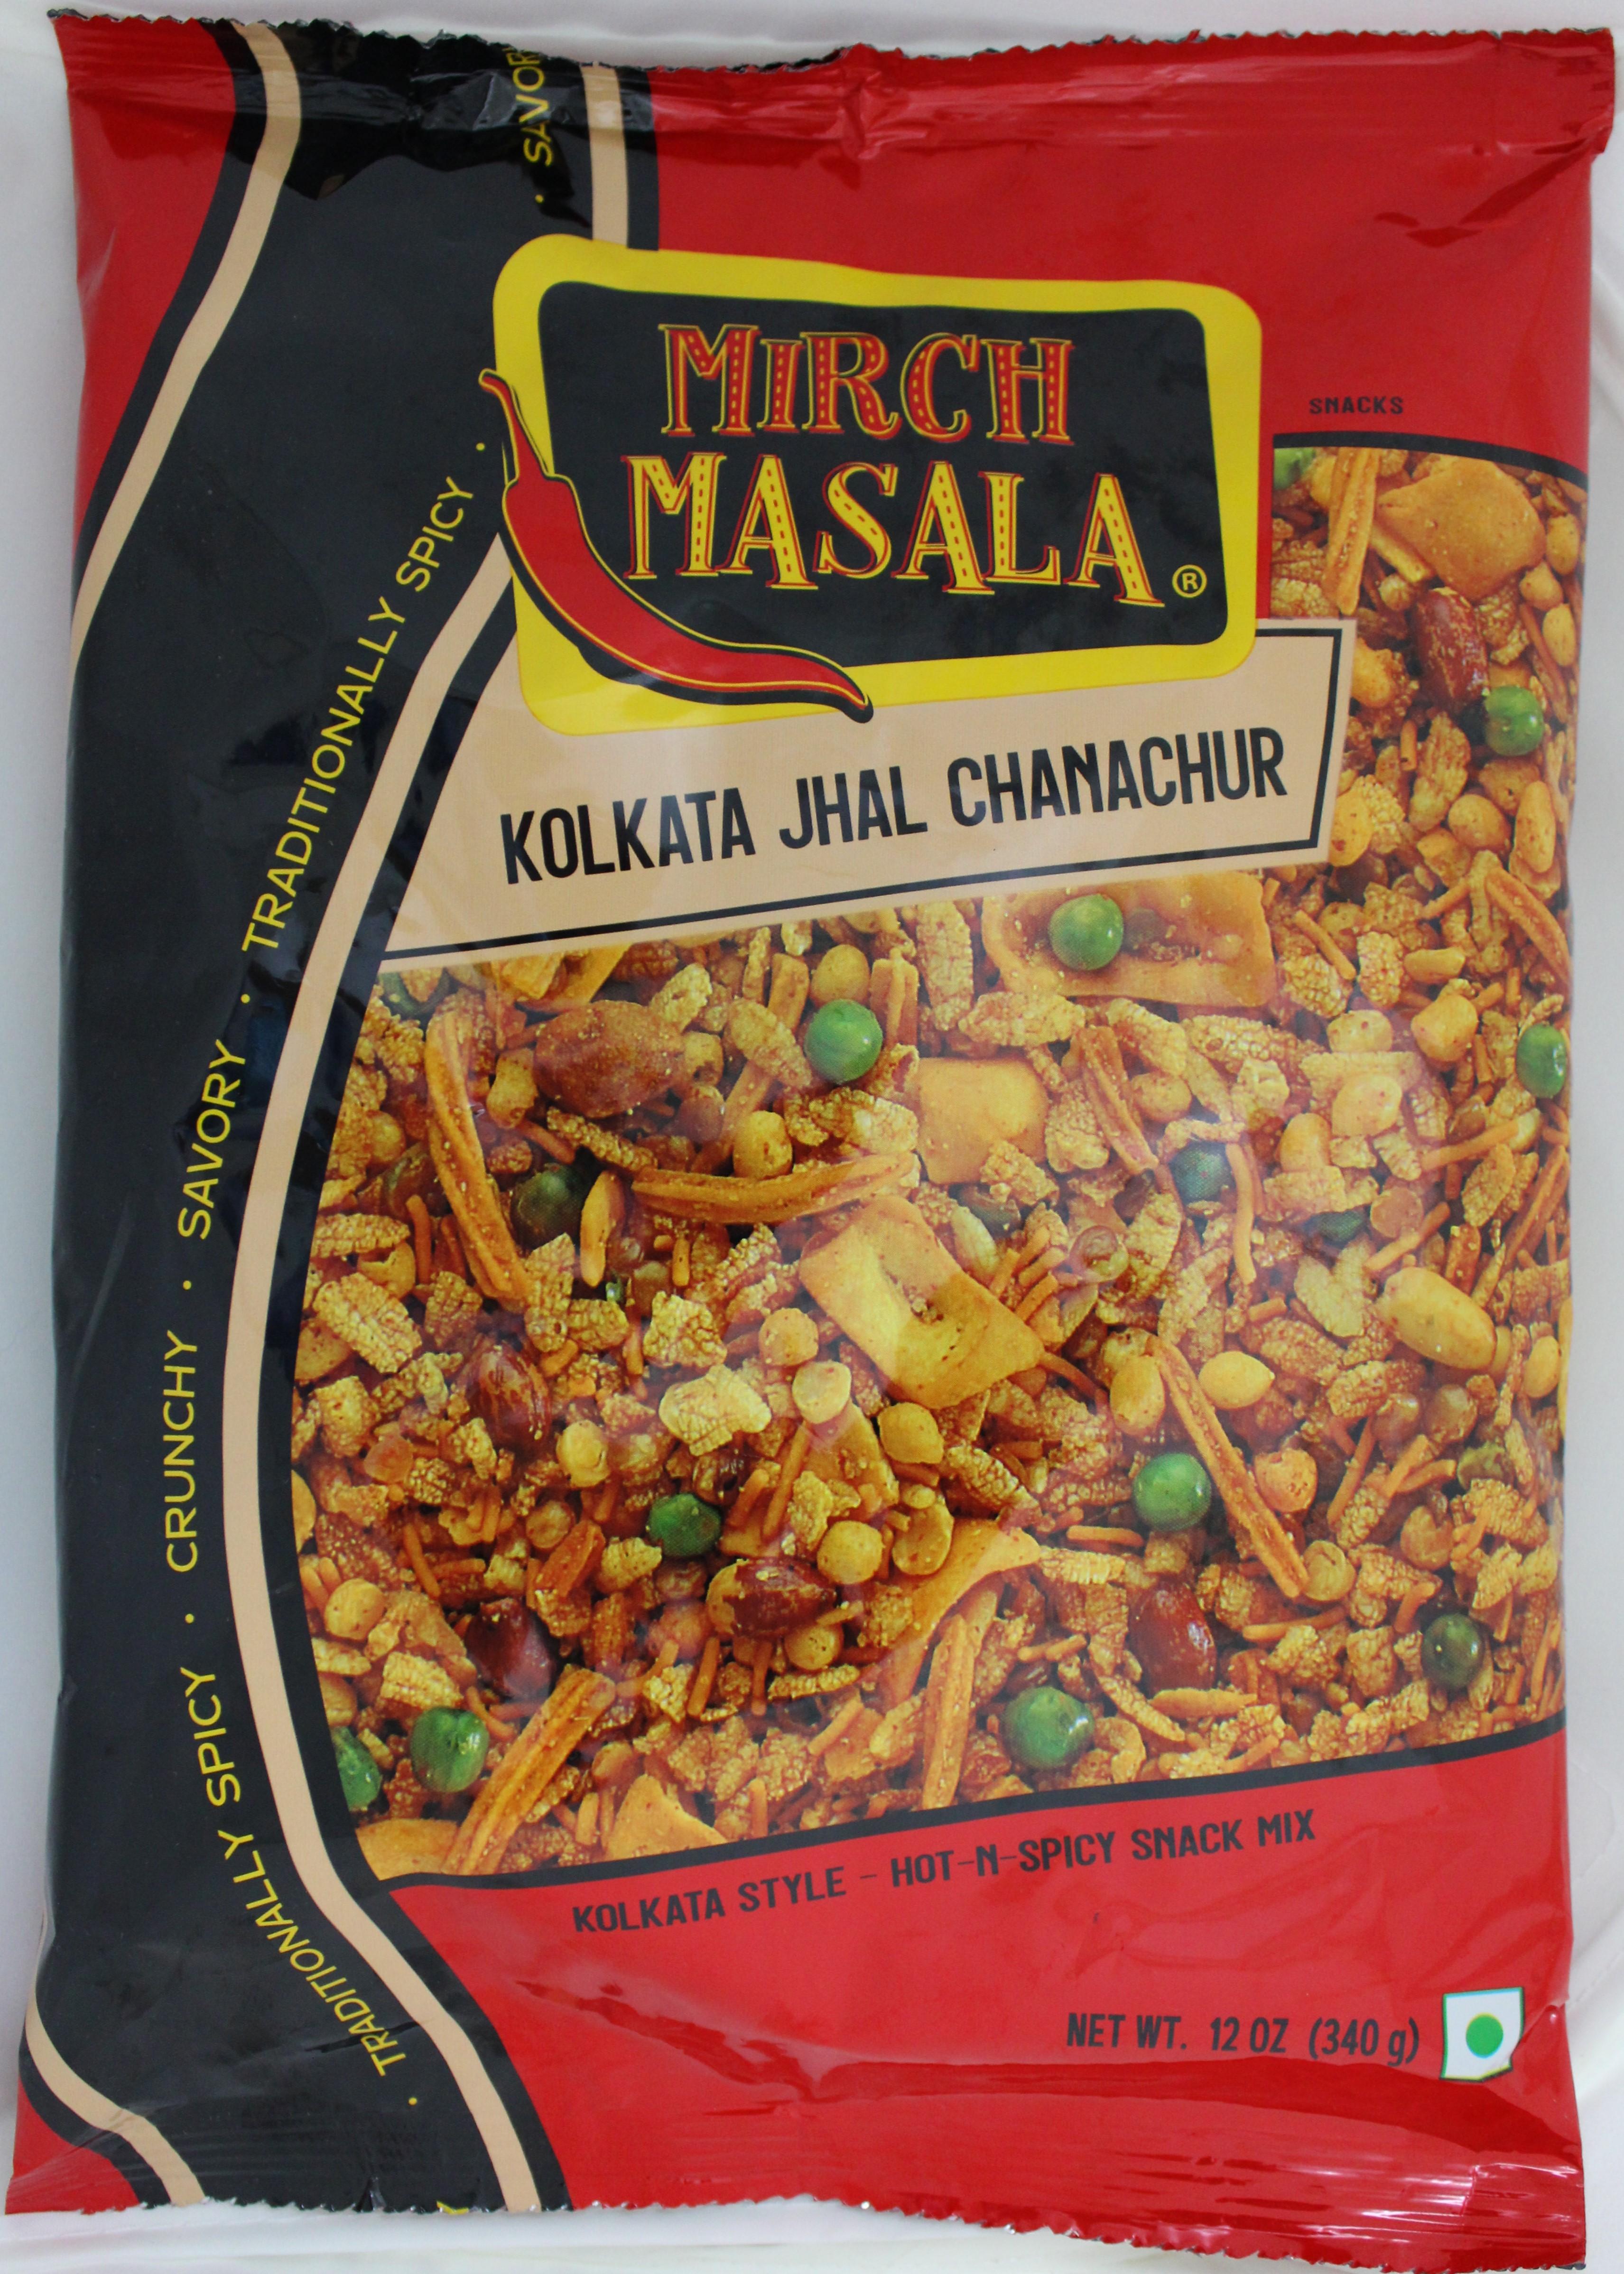 Kolkata Jhal ChanaChur 12Oz